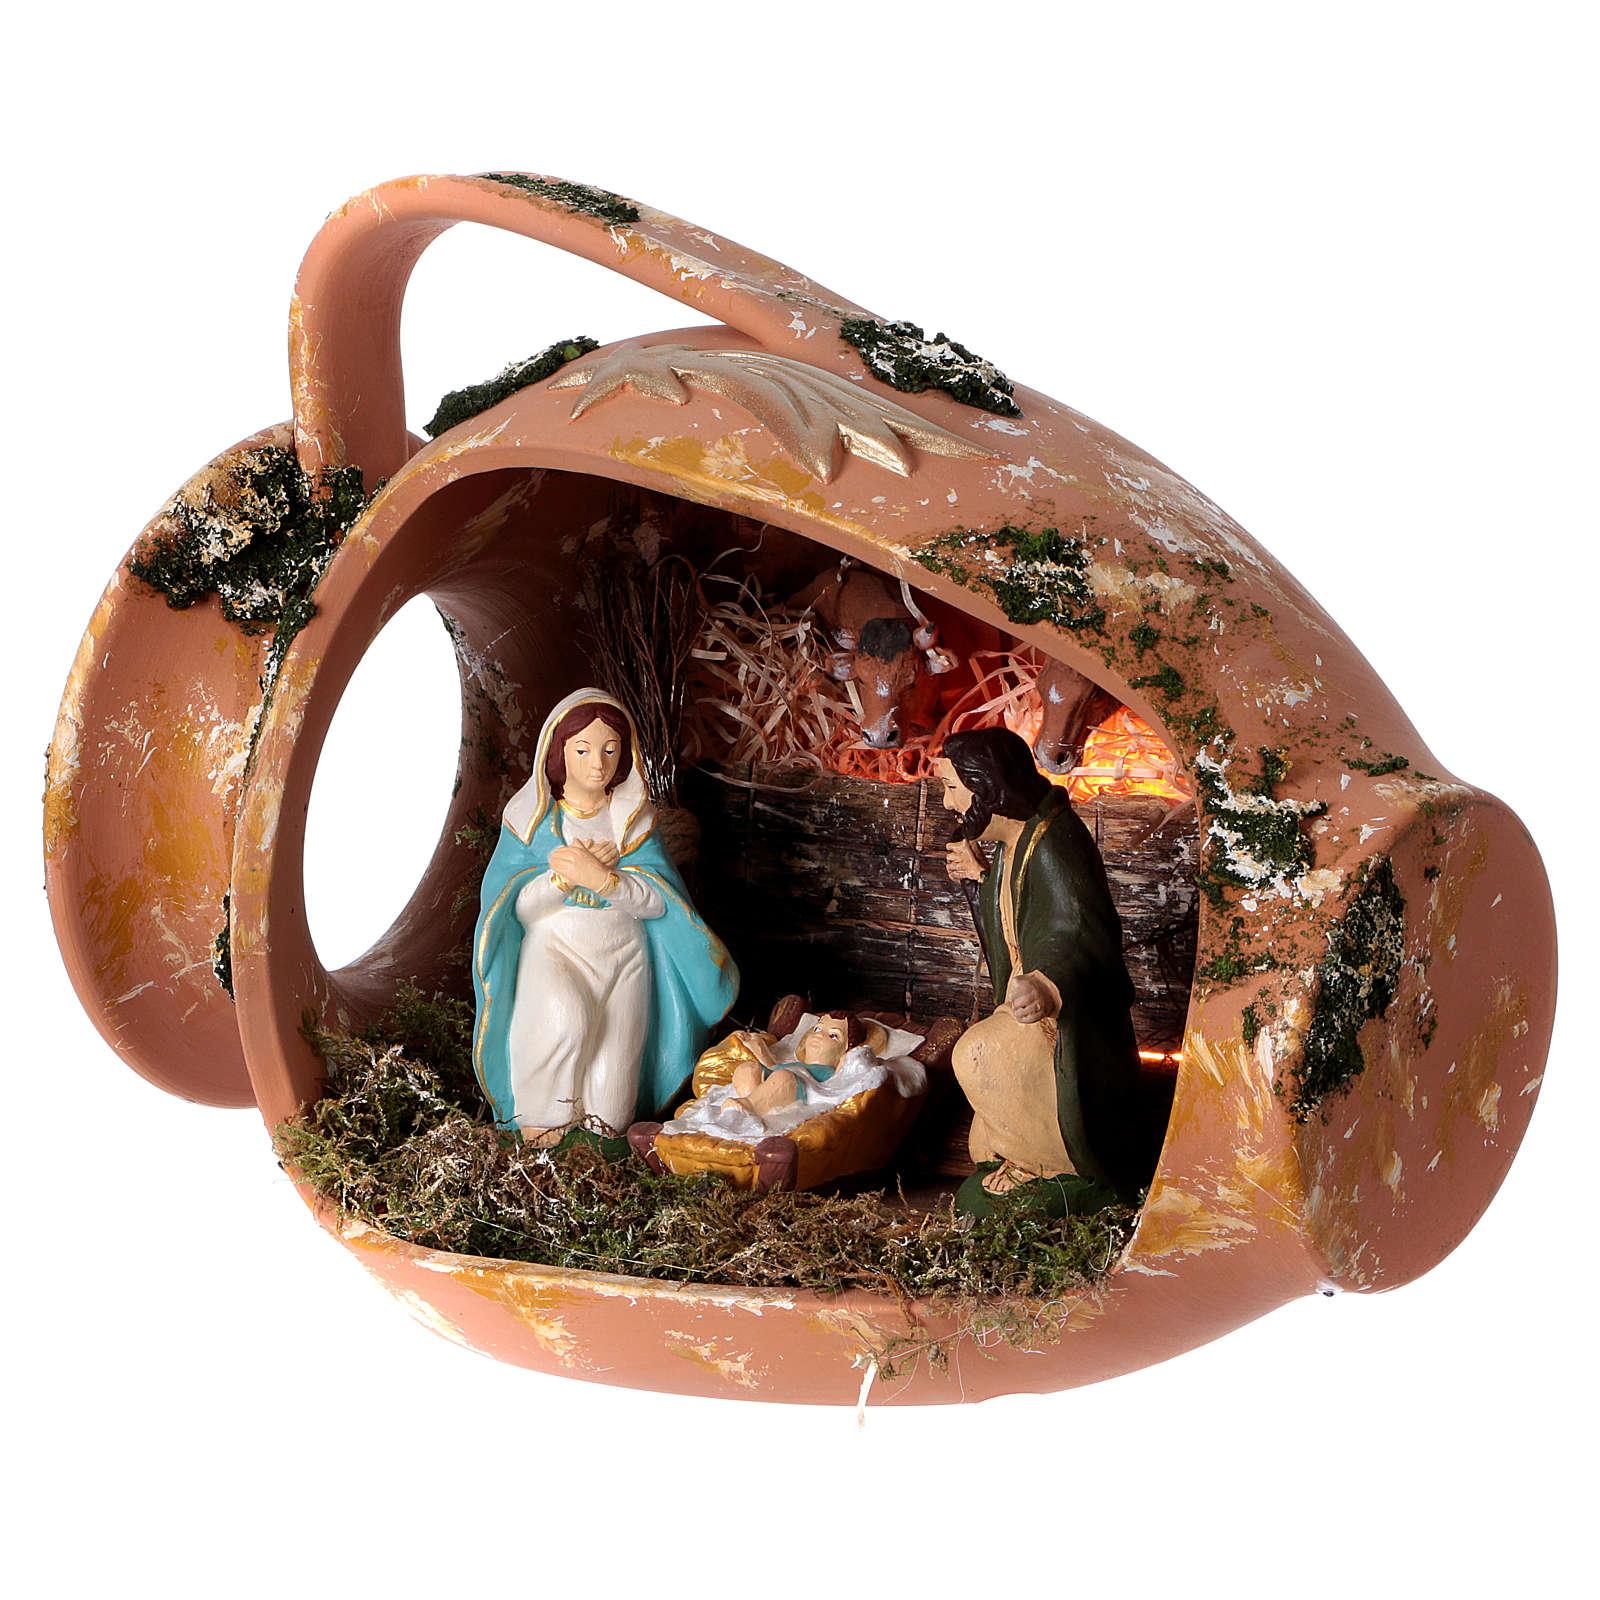 Jarre allongé avec scène Nativité en terre cuite Deruta 4